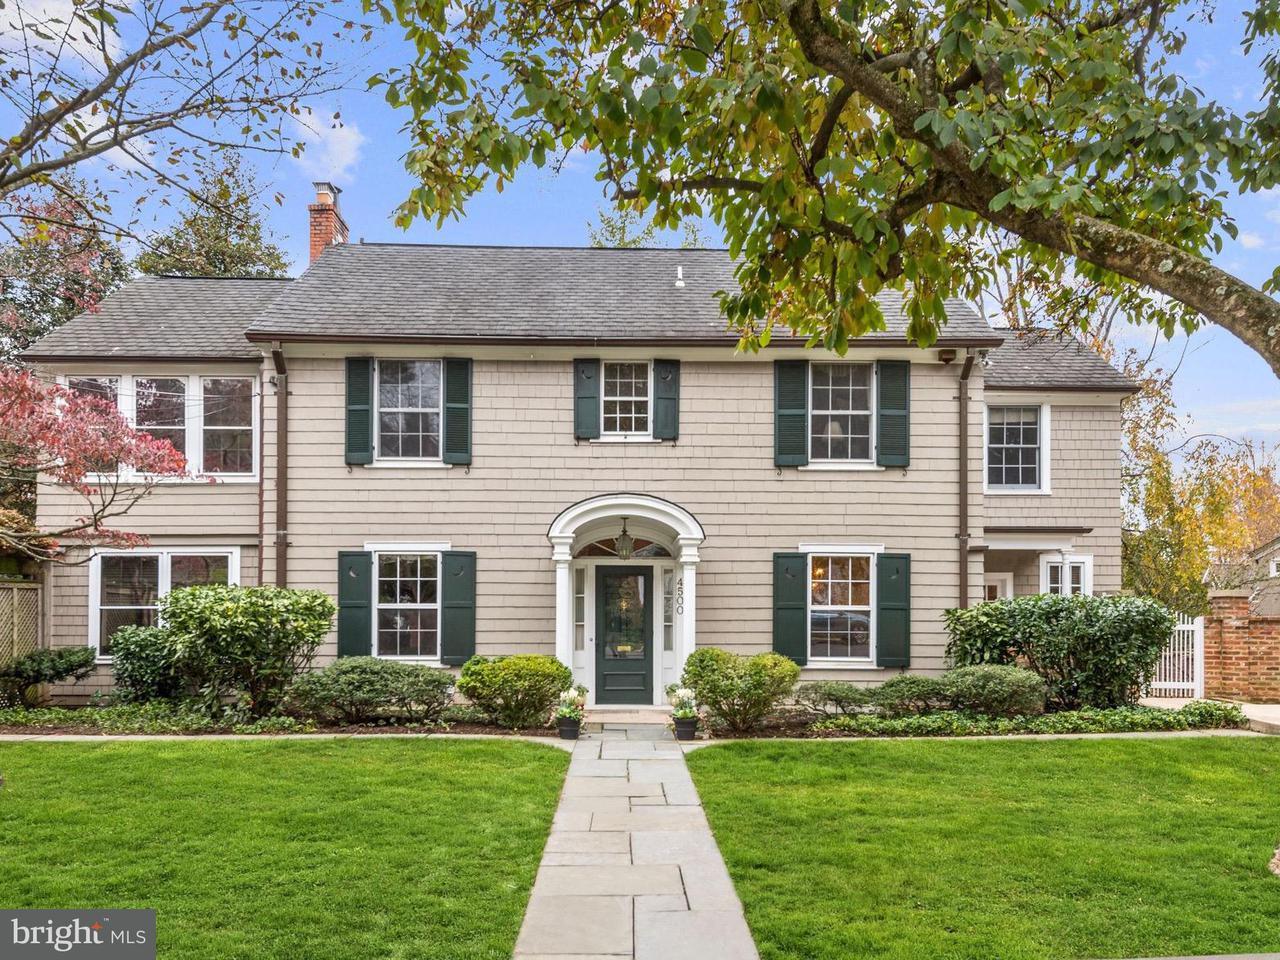 獨棟家庭住宅 為 出售 在 4500 Klingle St Nw 4500 Klingle St Nw Washington, 哥倫比亞特區 20016 美國